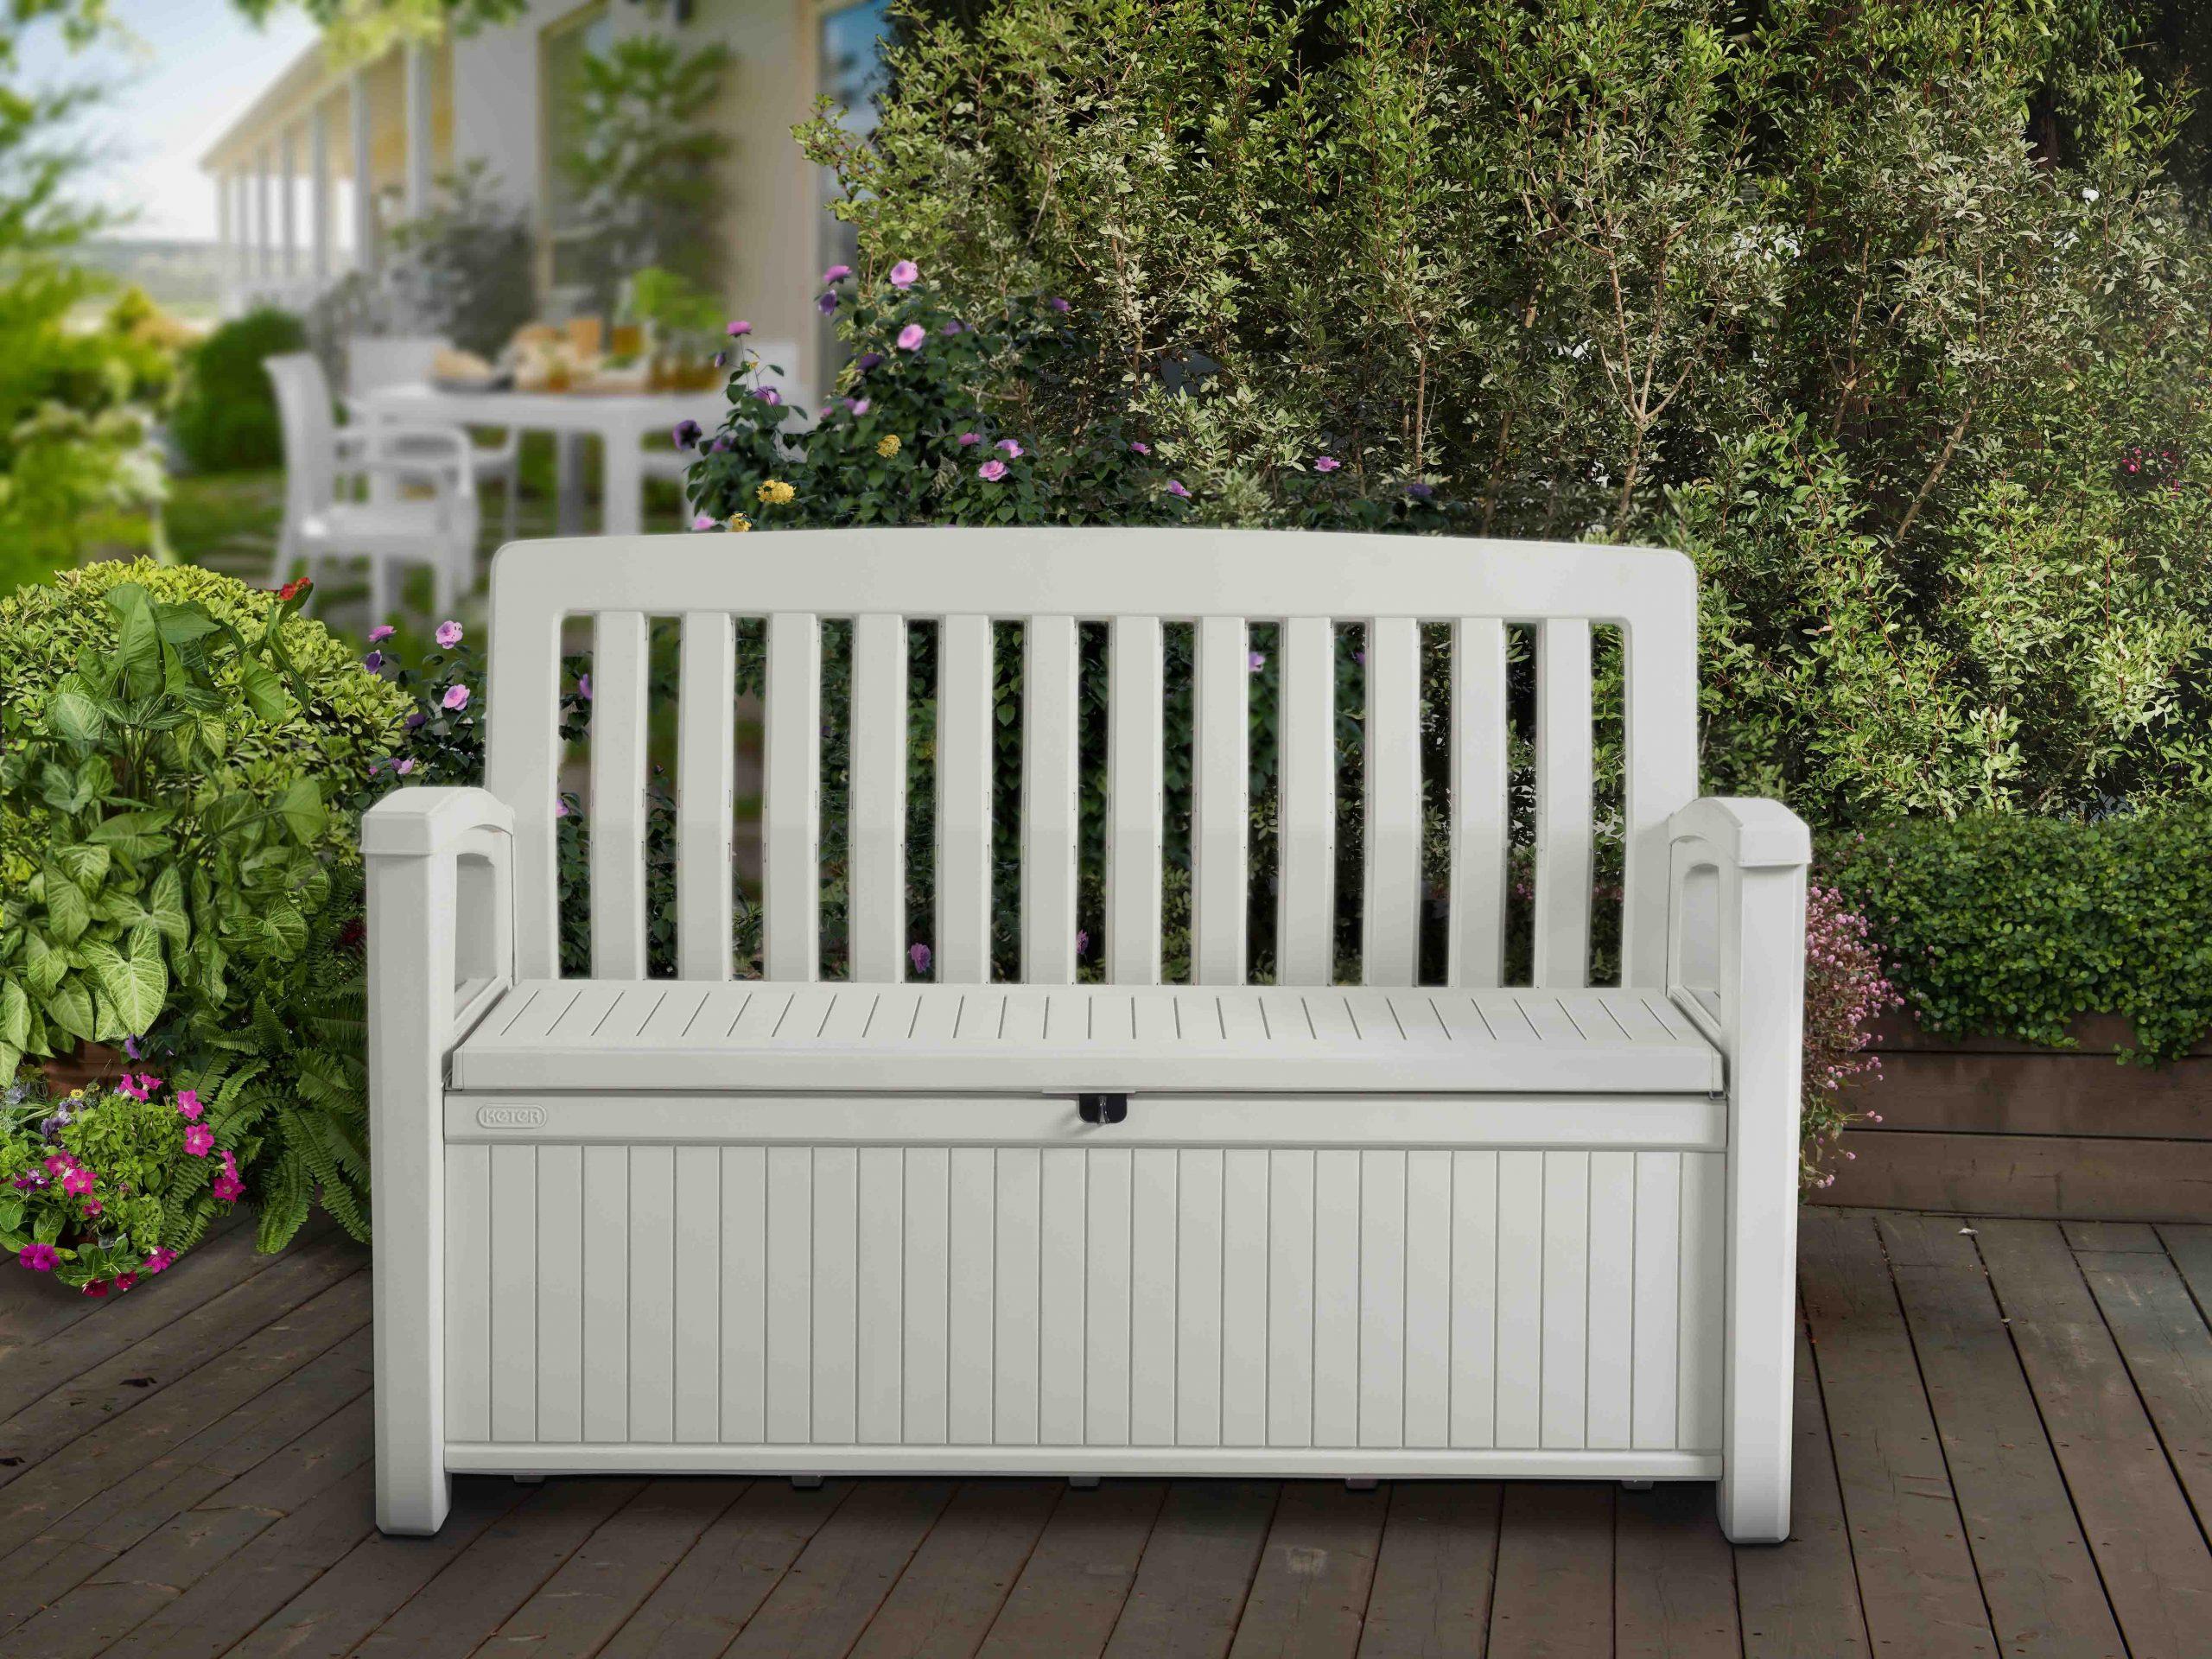 Keter:la Maison Du Jardin Ce Coffre Banc En Résine Patio ... tout Banc De Jardin En Resine Blanc